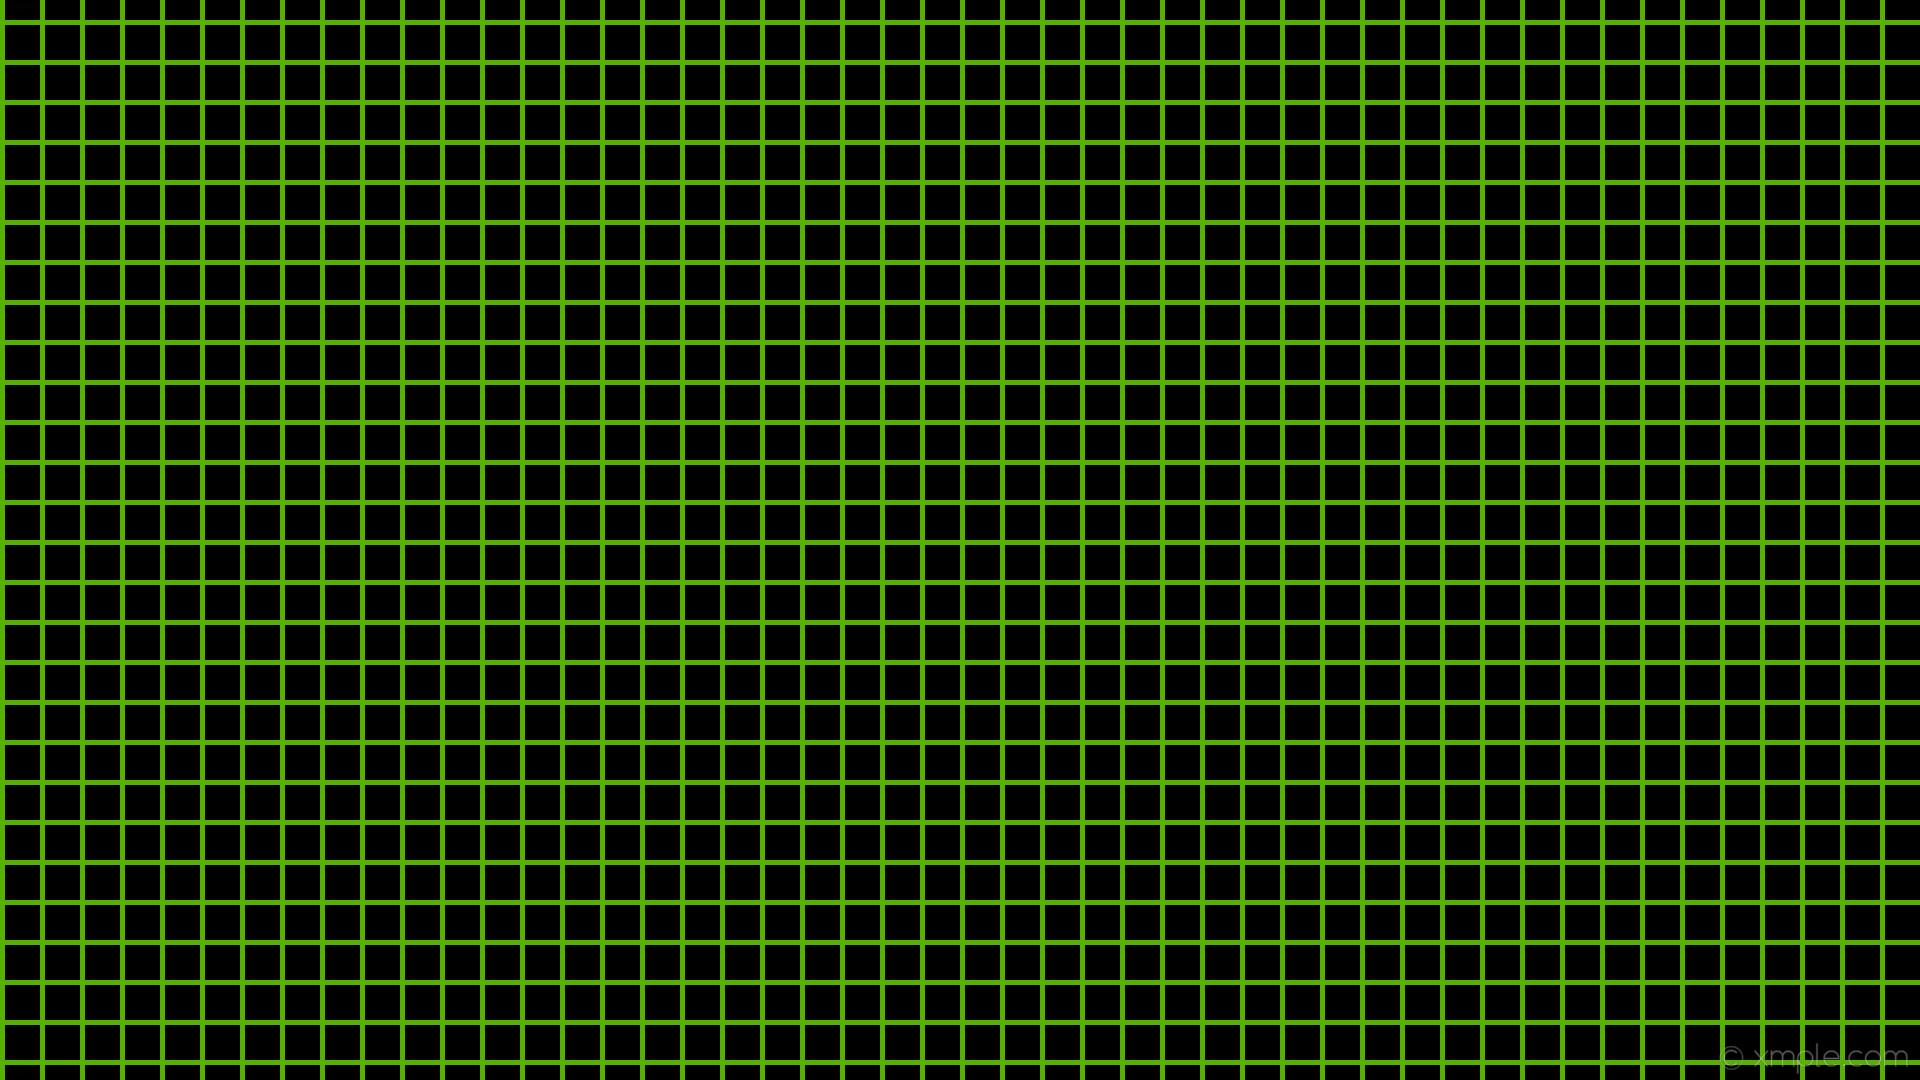 wallpaper graph paper green black grid lawn green #000000 #7cfc00 0° 5px  40px